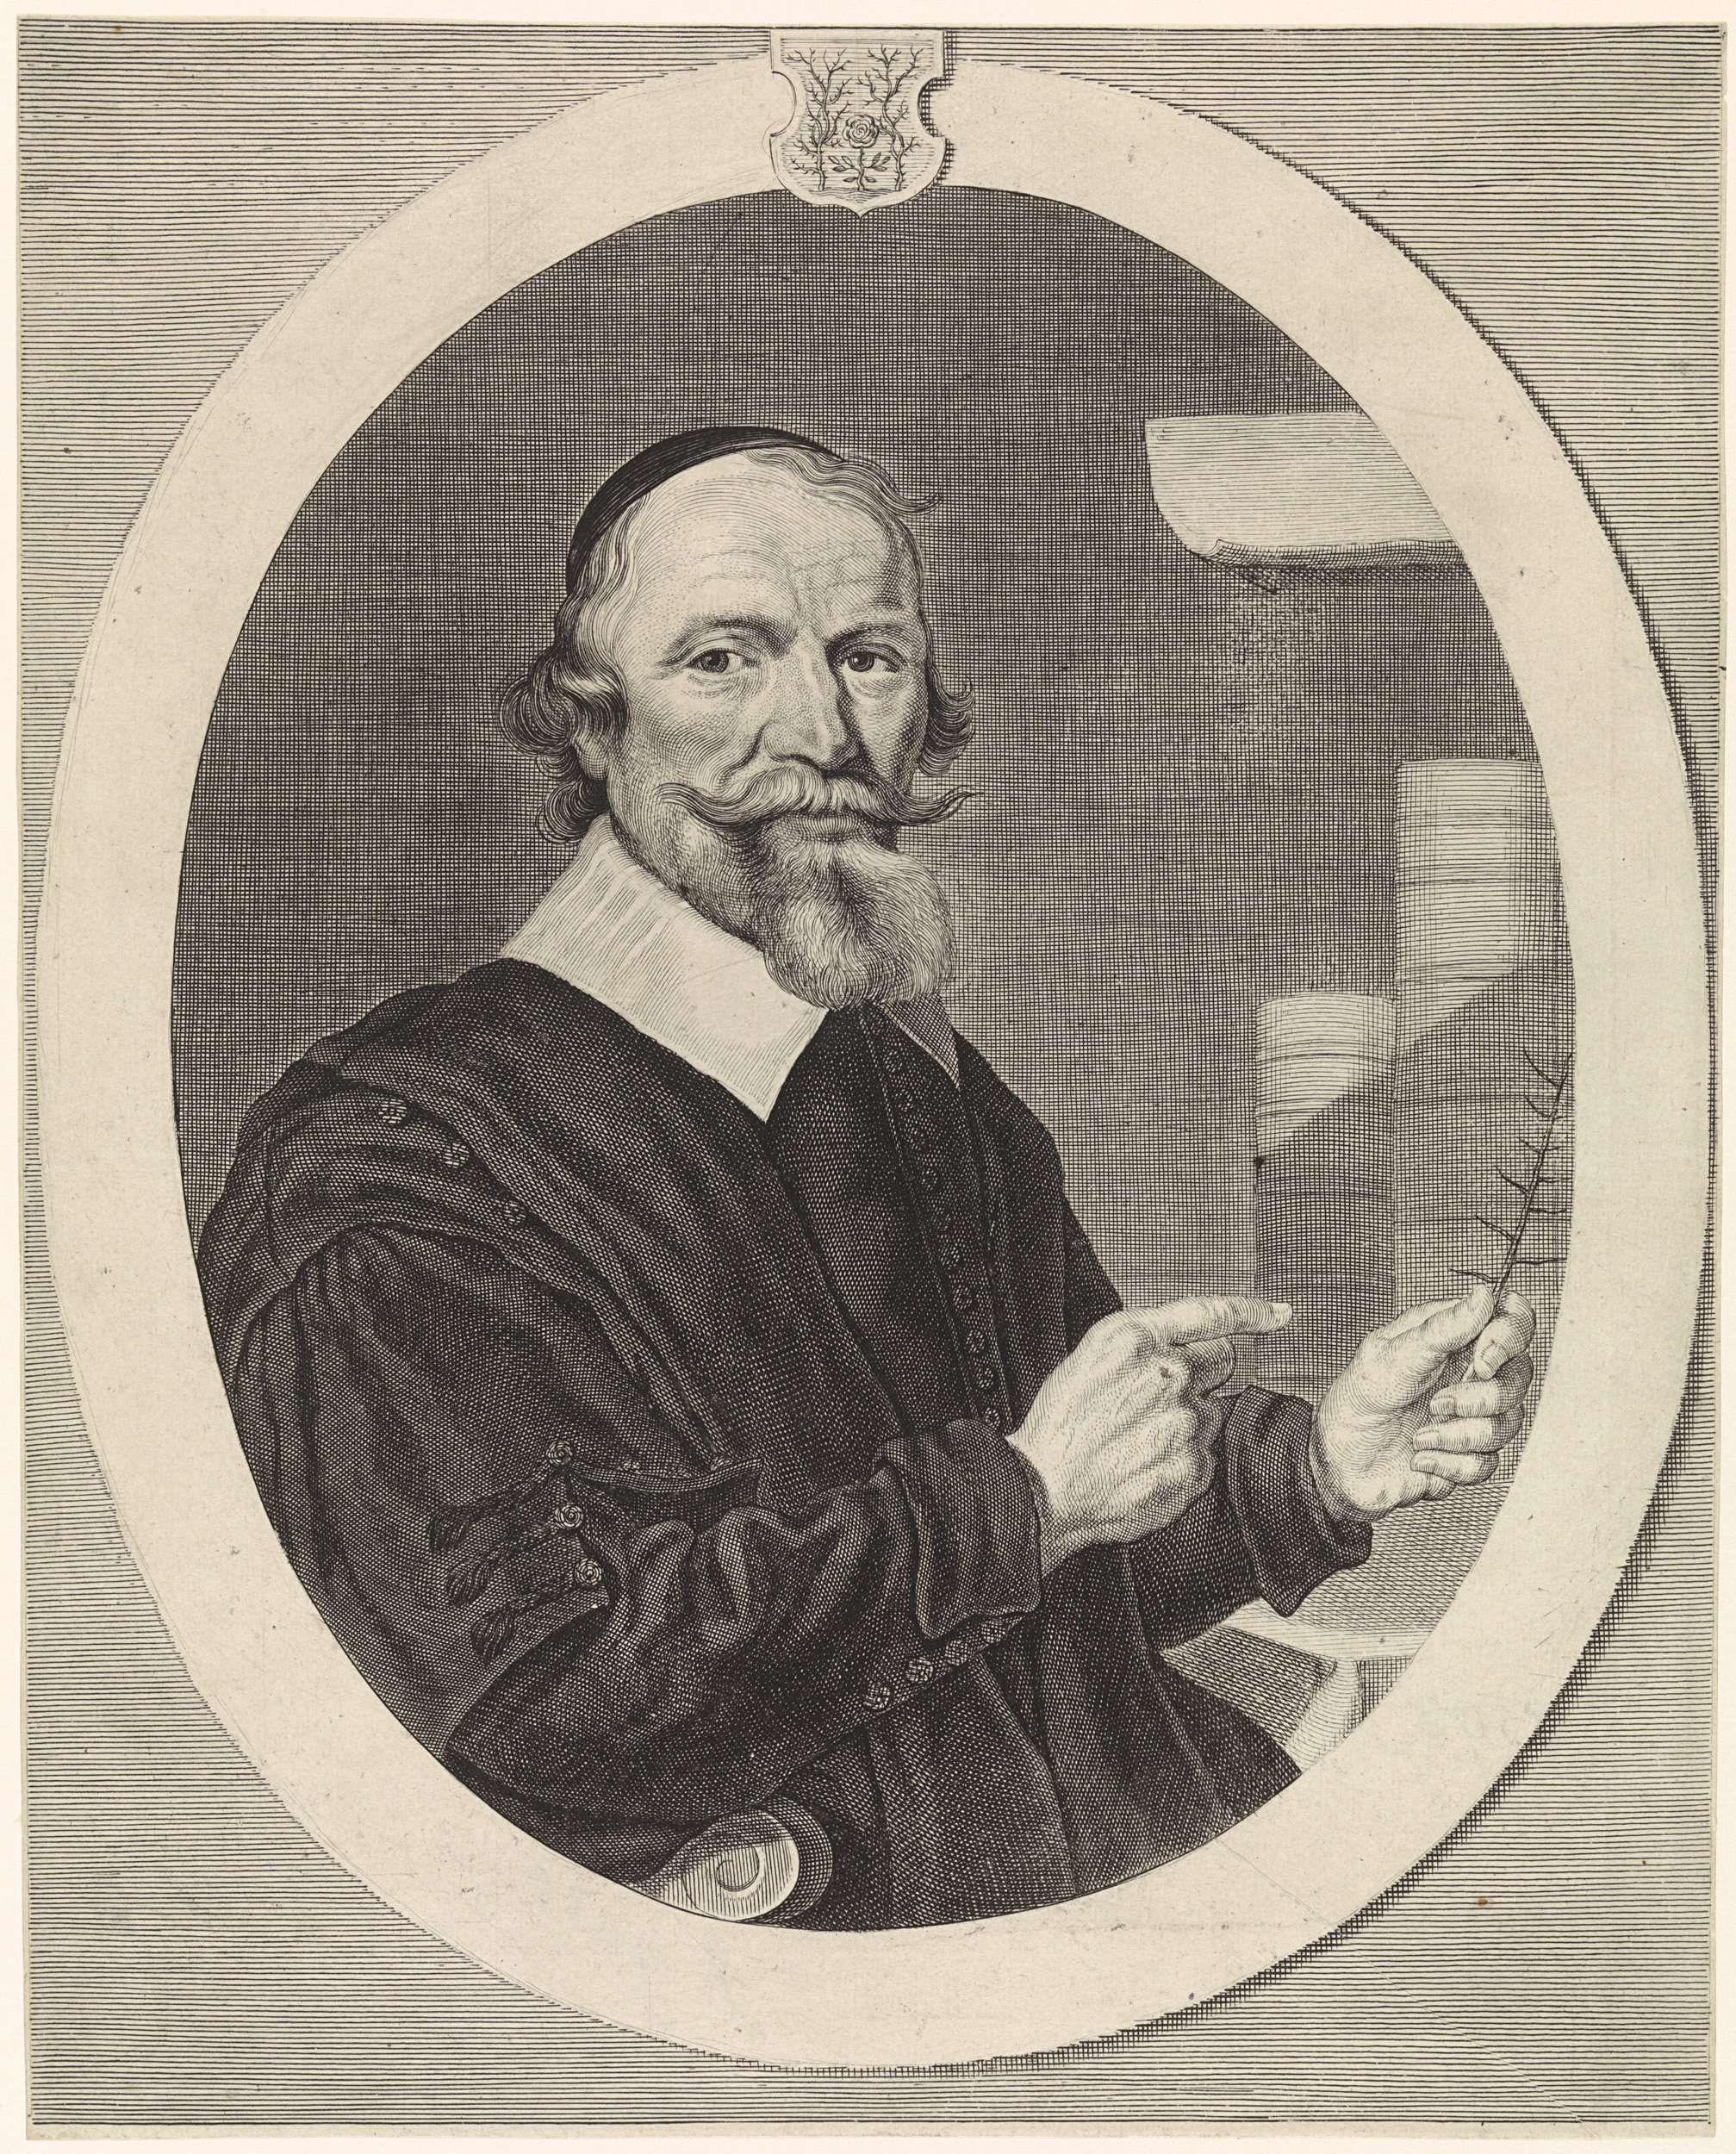 Theodor Matham | Portret van Timotheus de Sayer, Theodor Matham, 1658 - 1676 | Portret van Timotheus de Sayer, pastoor in het Gooiland.